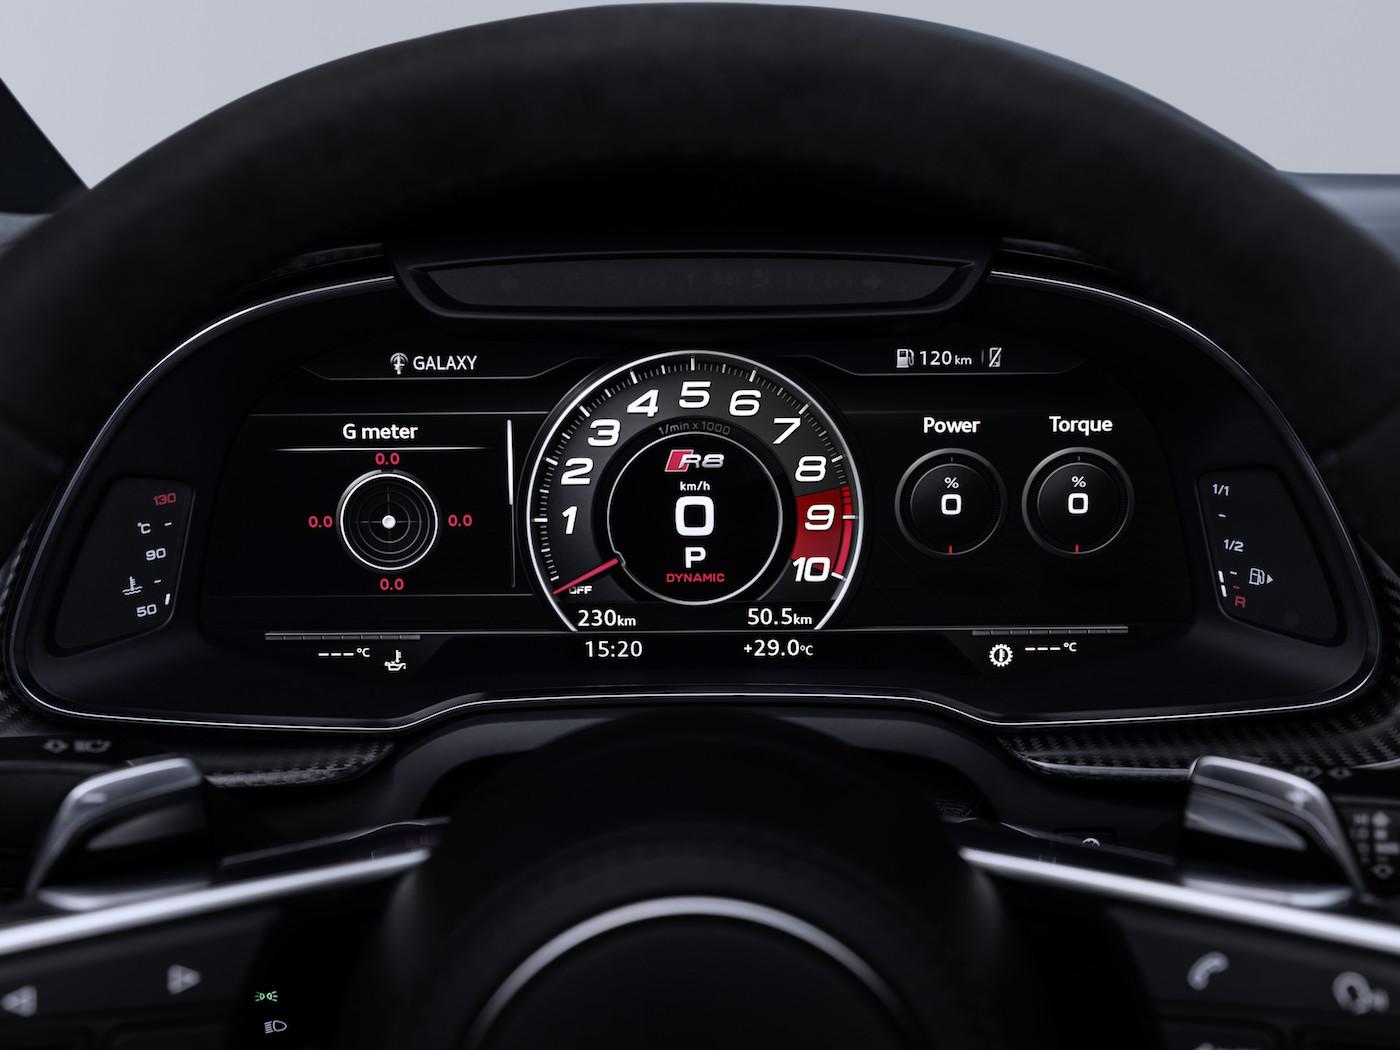 Schneller & schärfer: Das ist der neue Audi R8 6